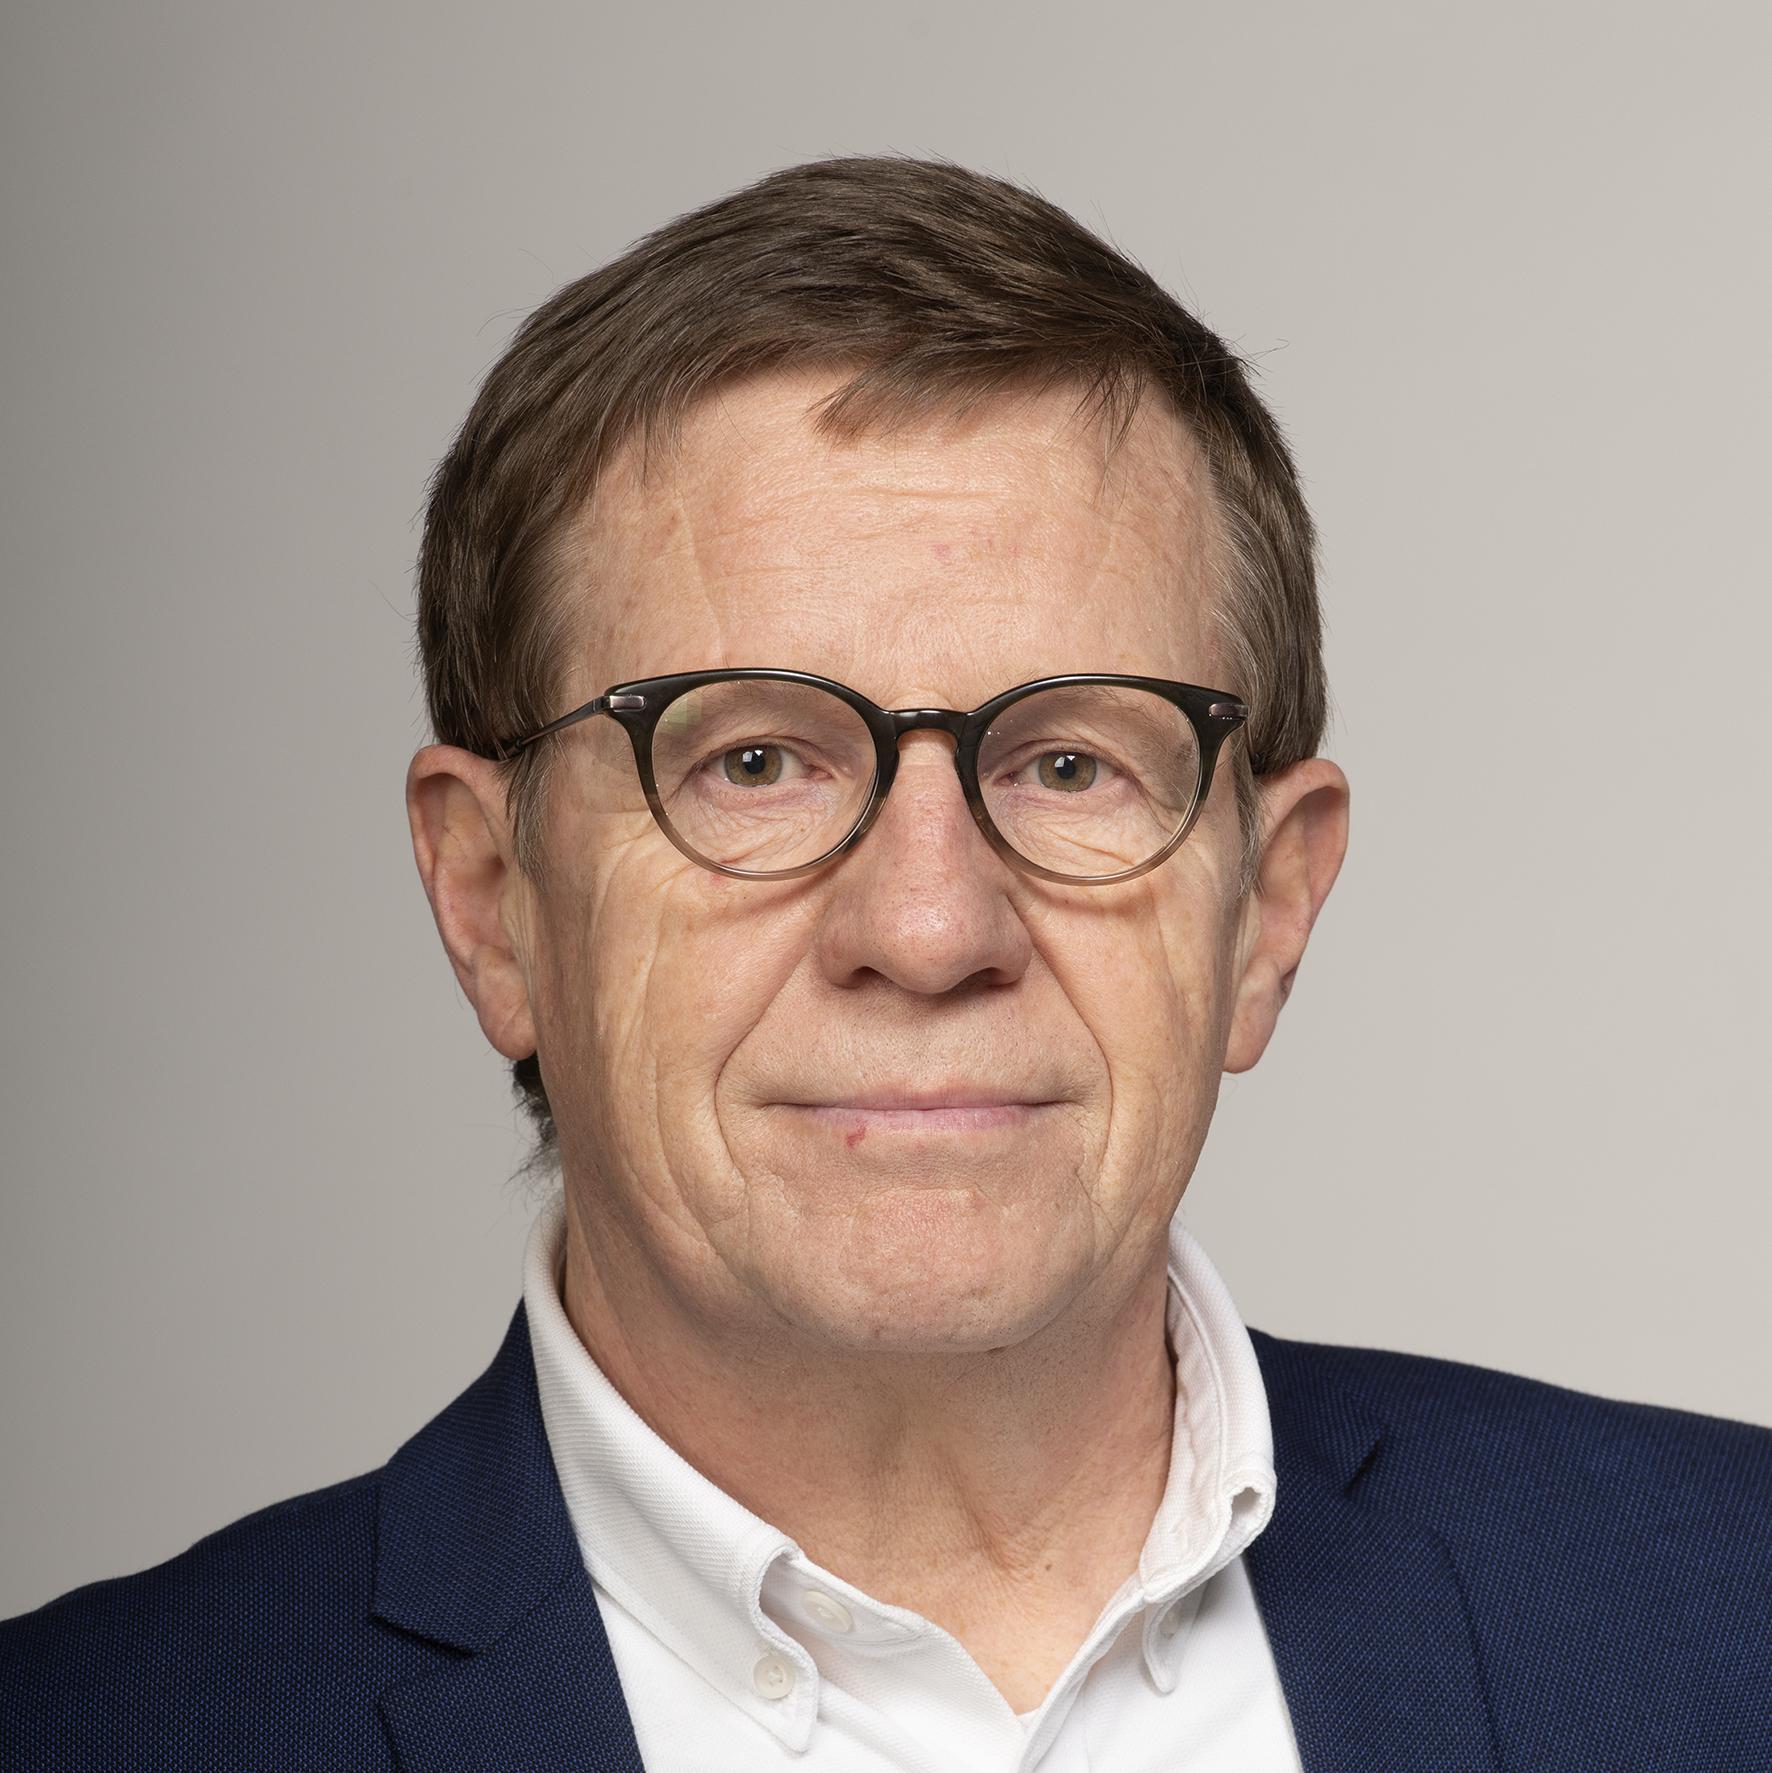 Peter De Roo